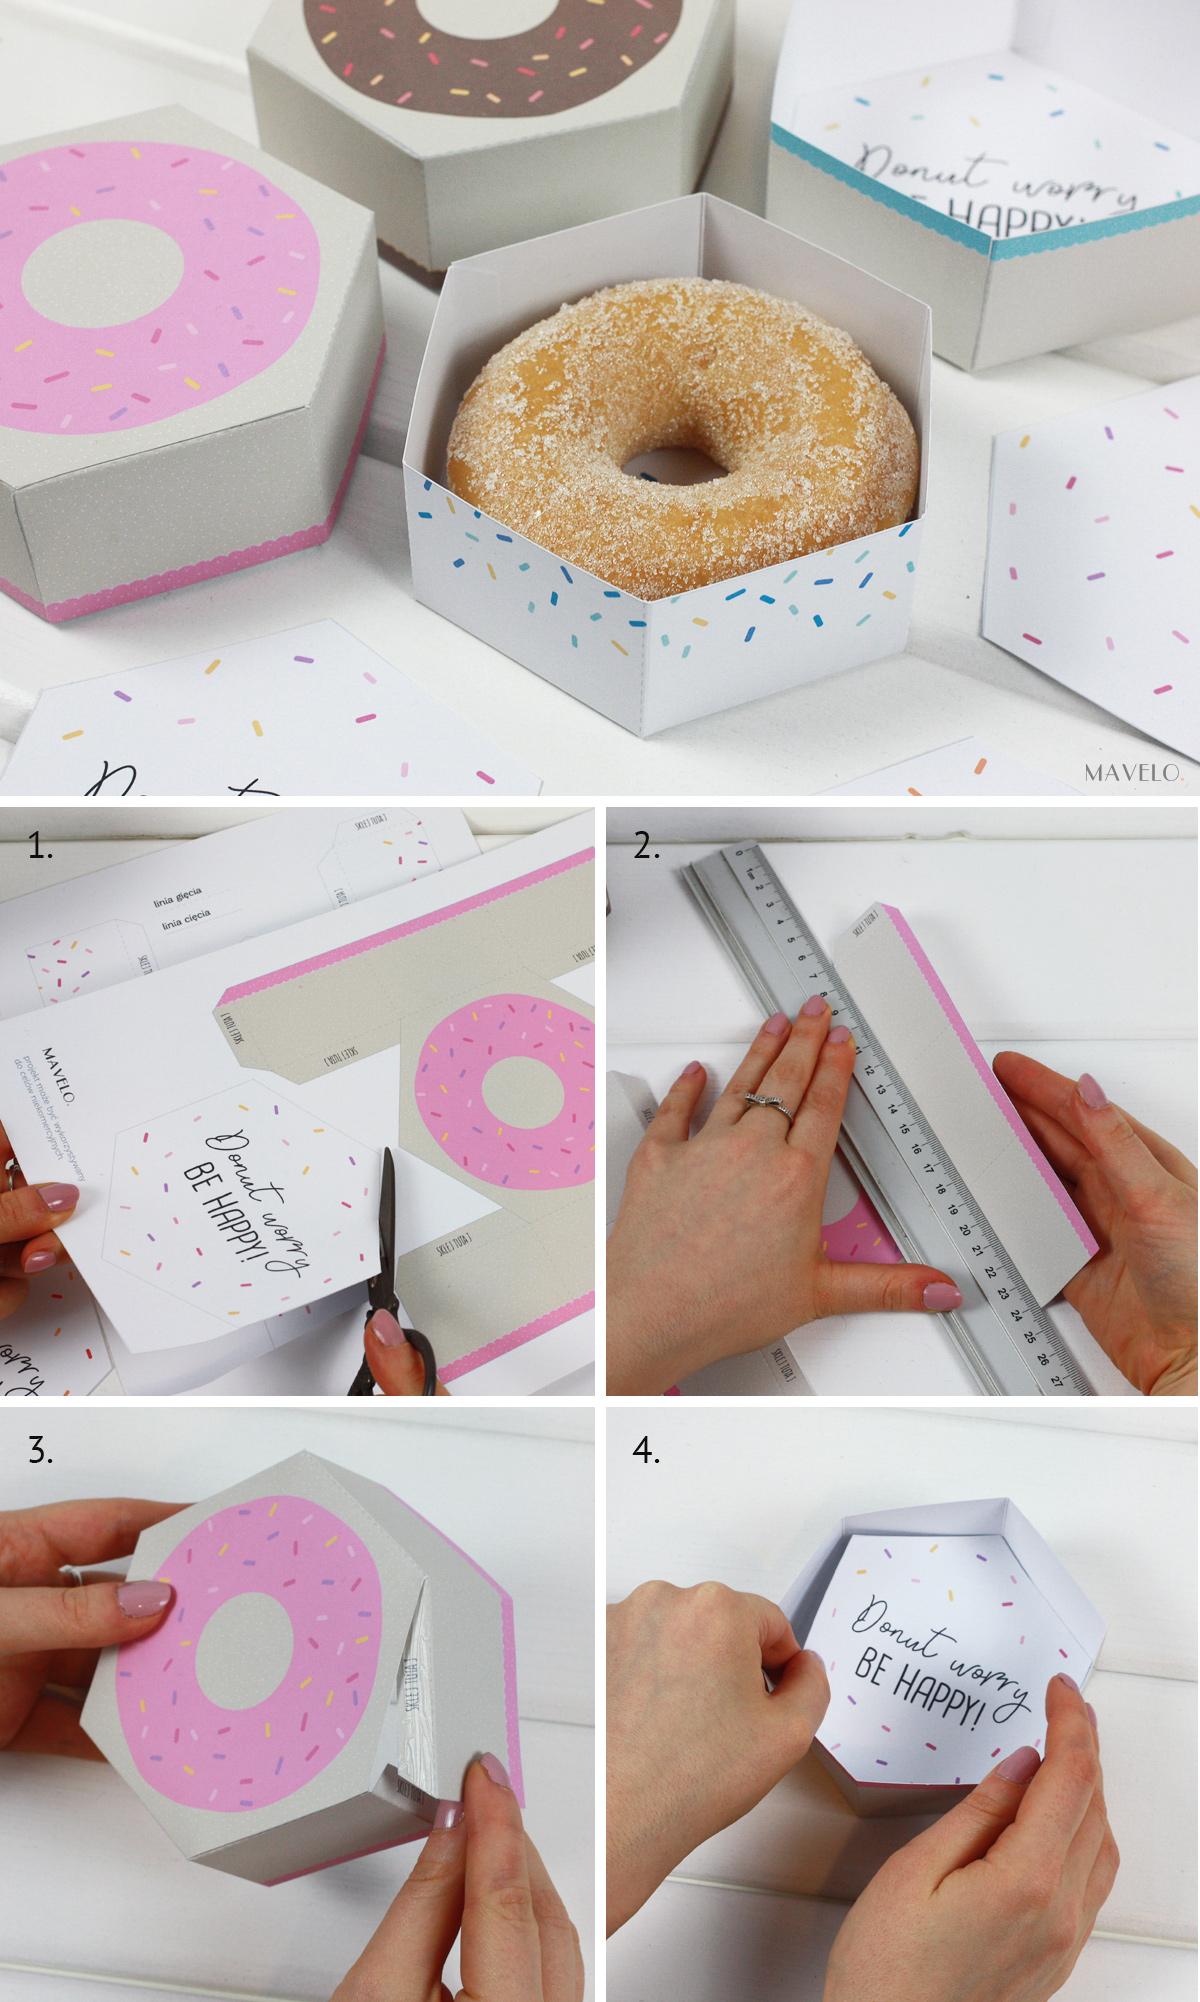 pudełko donut do druku / freebies / donut worry be happy